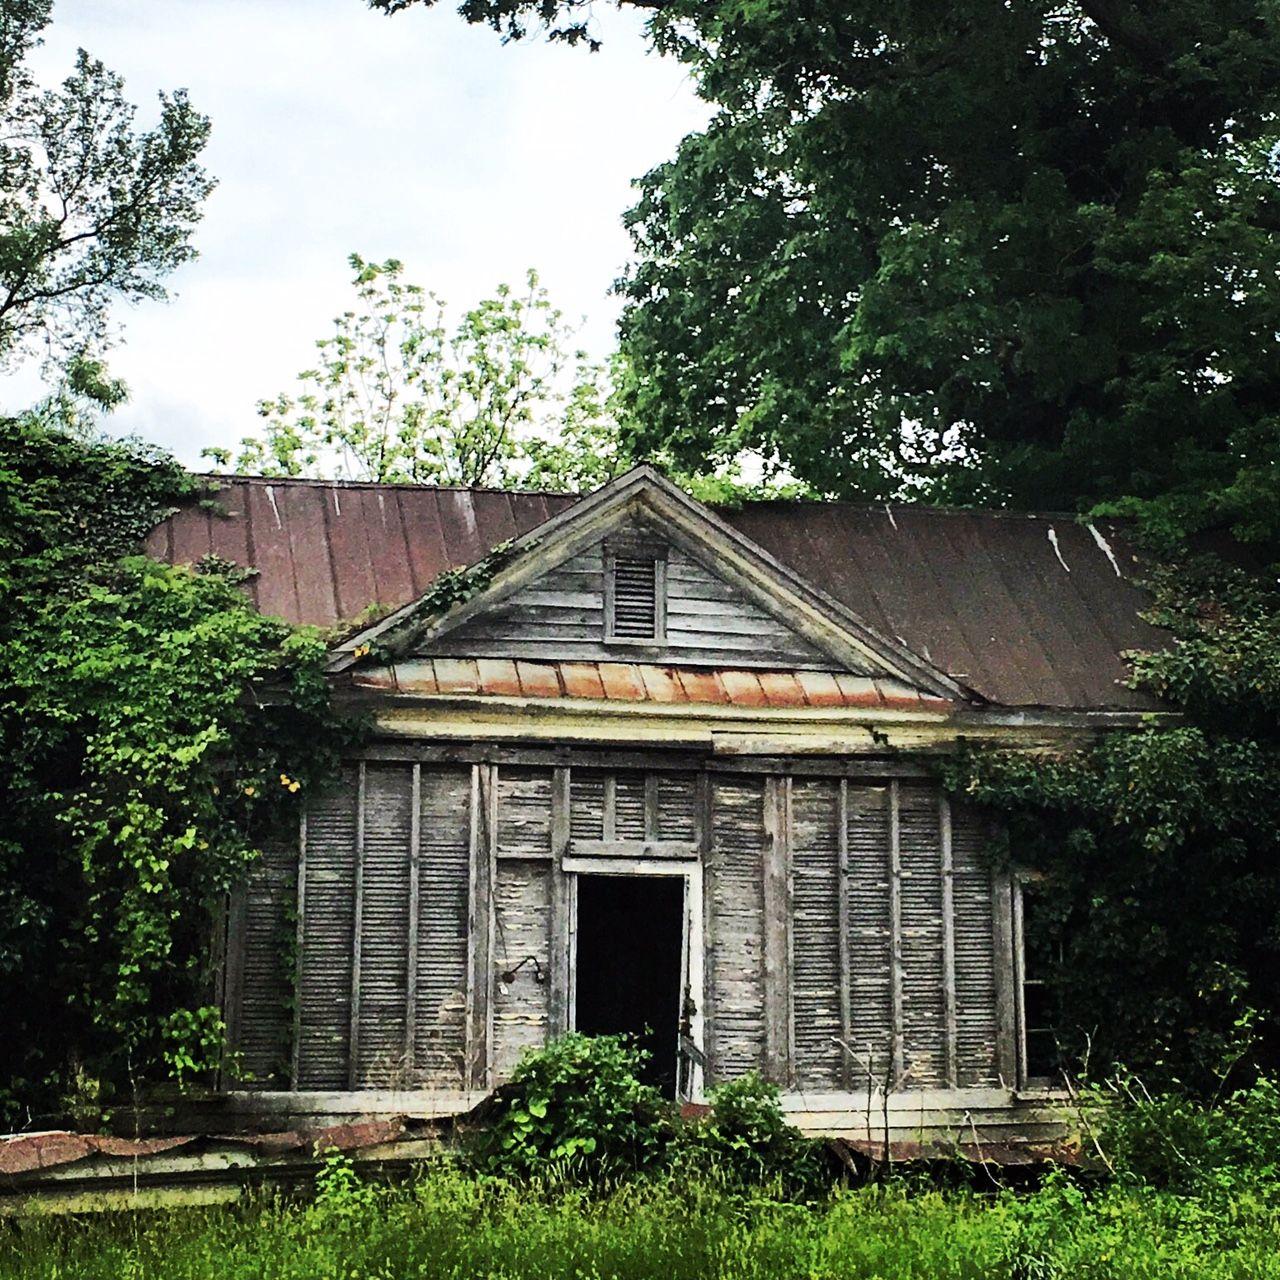 Abandoned farmhouse zebulon nc rhiann wynn nolet